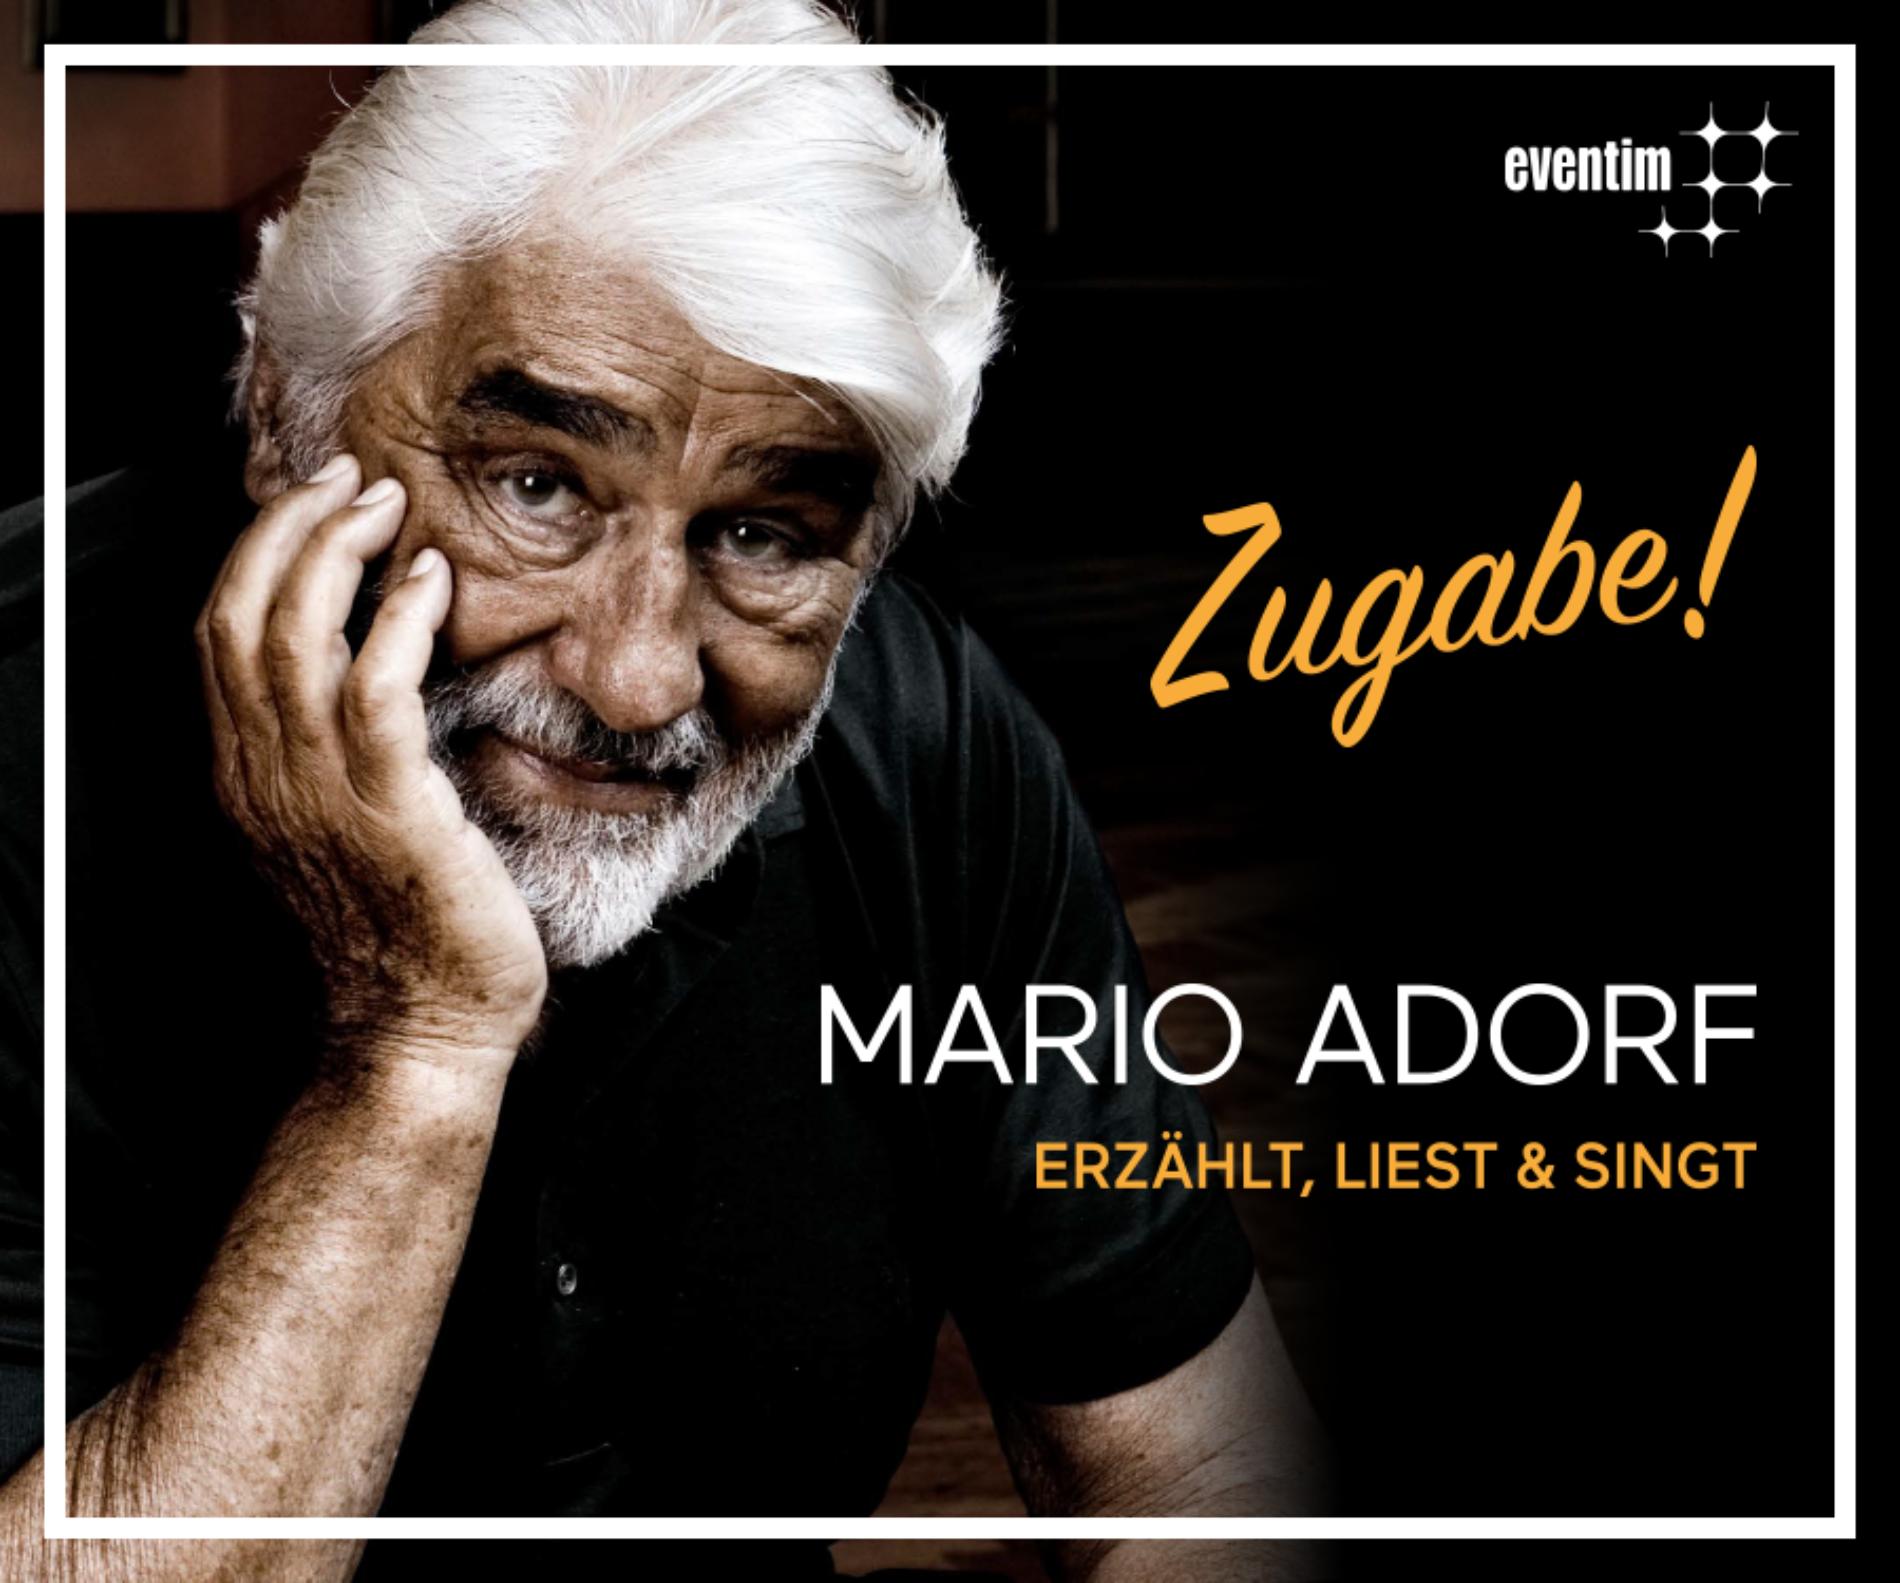 """Mario Adorf – """"Zugabe!"""""""